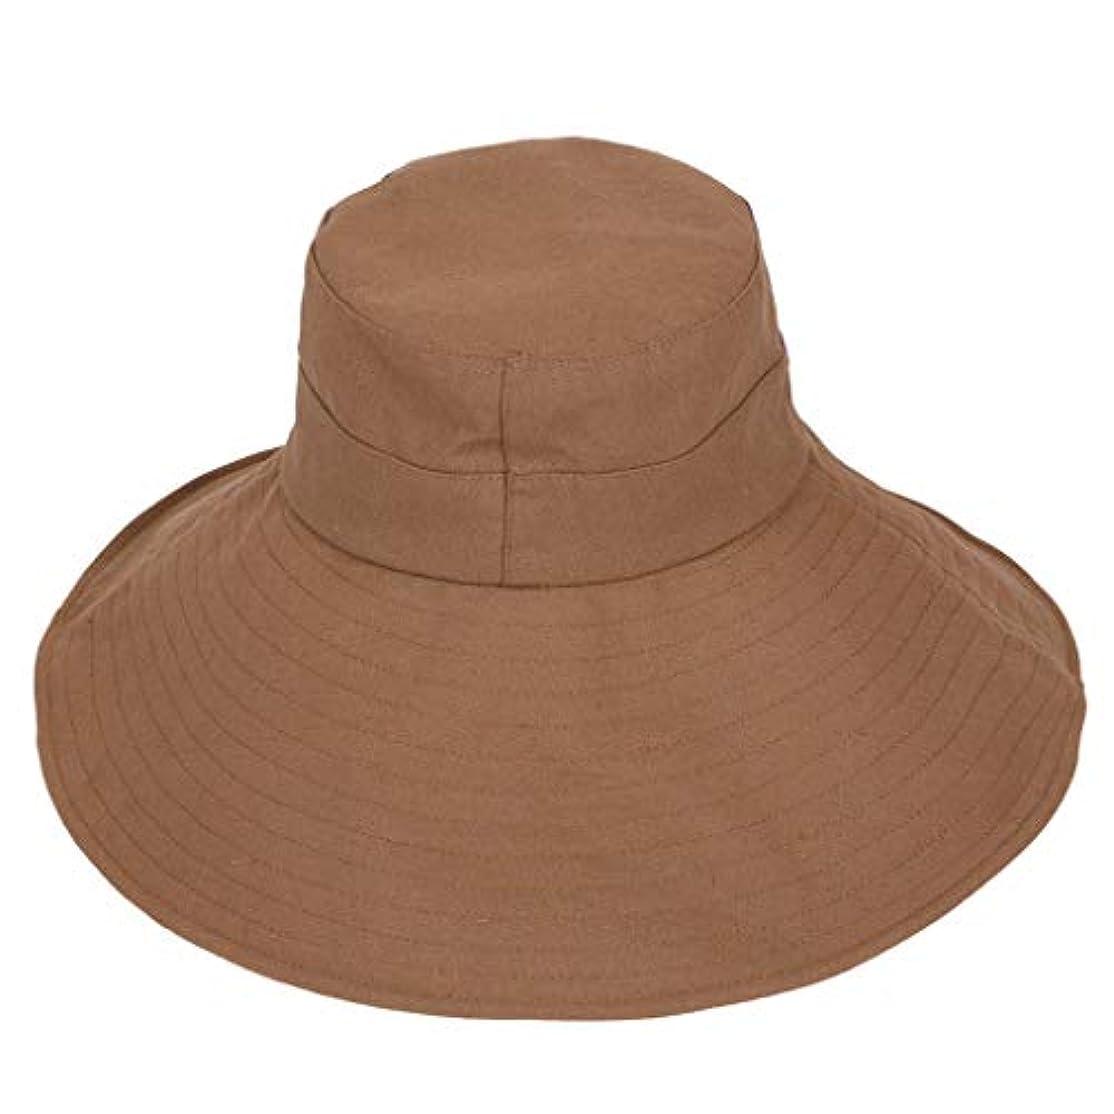 ムスタチオちなみにメイン漁師帽 ROSE ROMAN 帽子 レディース UVカット 帽子 UV帽子 日焼け防止 軽量 熱中症予防 取り外すあご紐 つば広 おしゃれ 可愛い 夏季 海 旅行 無地 ワイルド カジュアル スタイル ファッション シンプル 発送